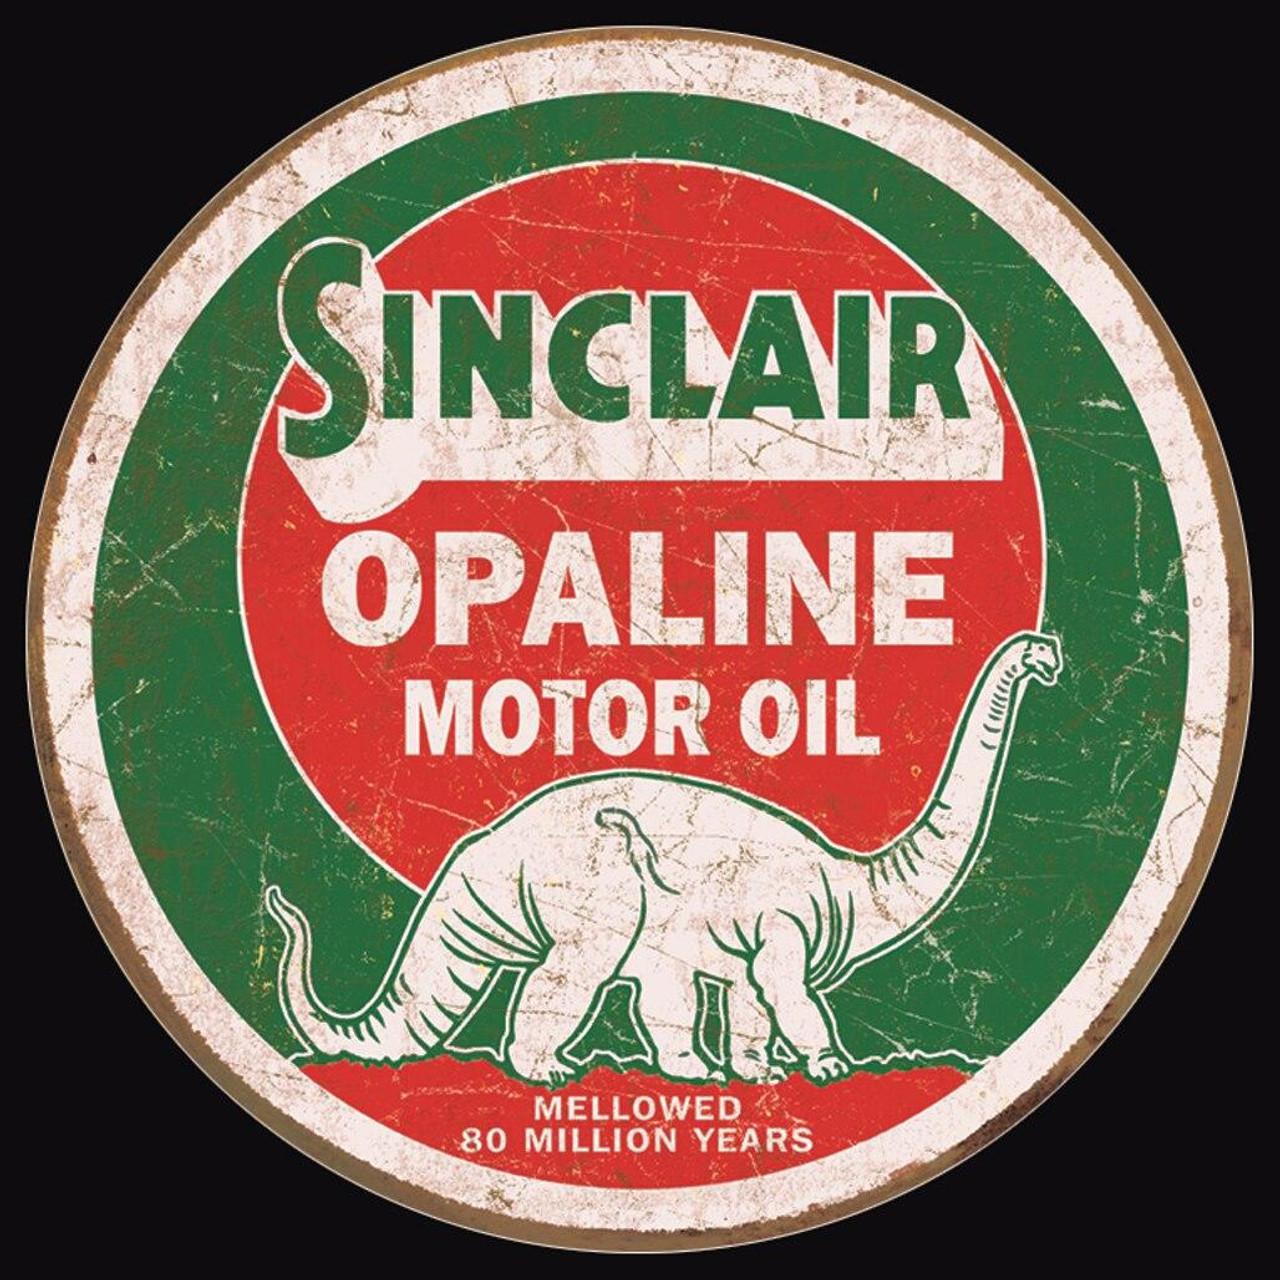 Sinclair Motor Oil Sinclair Opaline Round